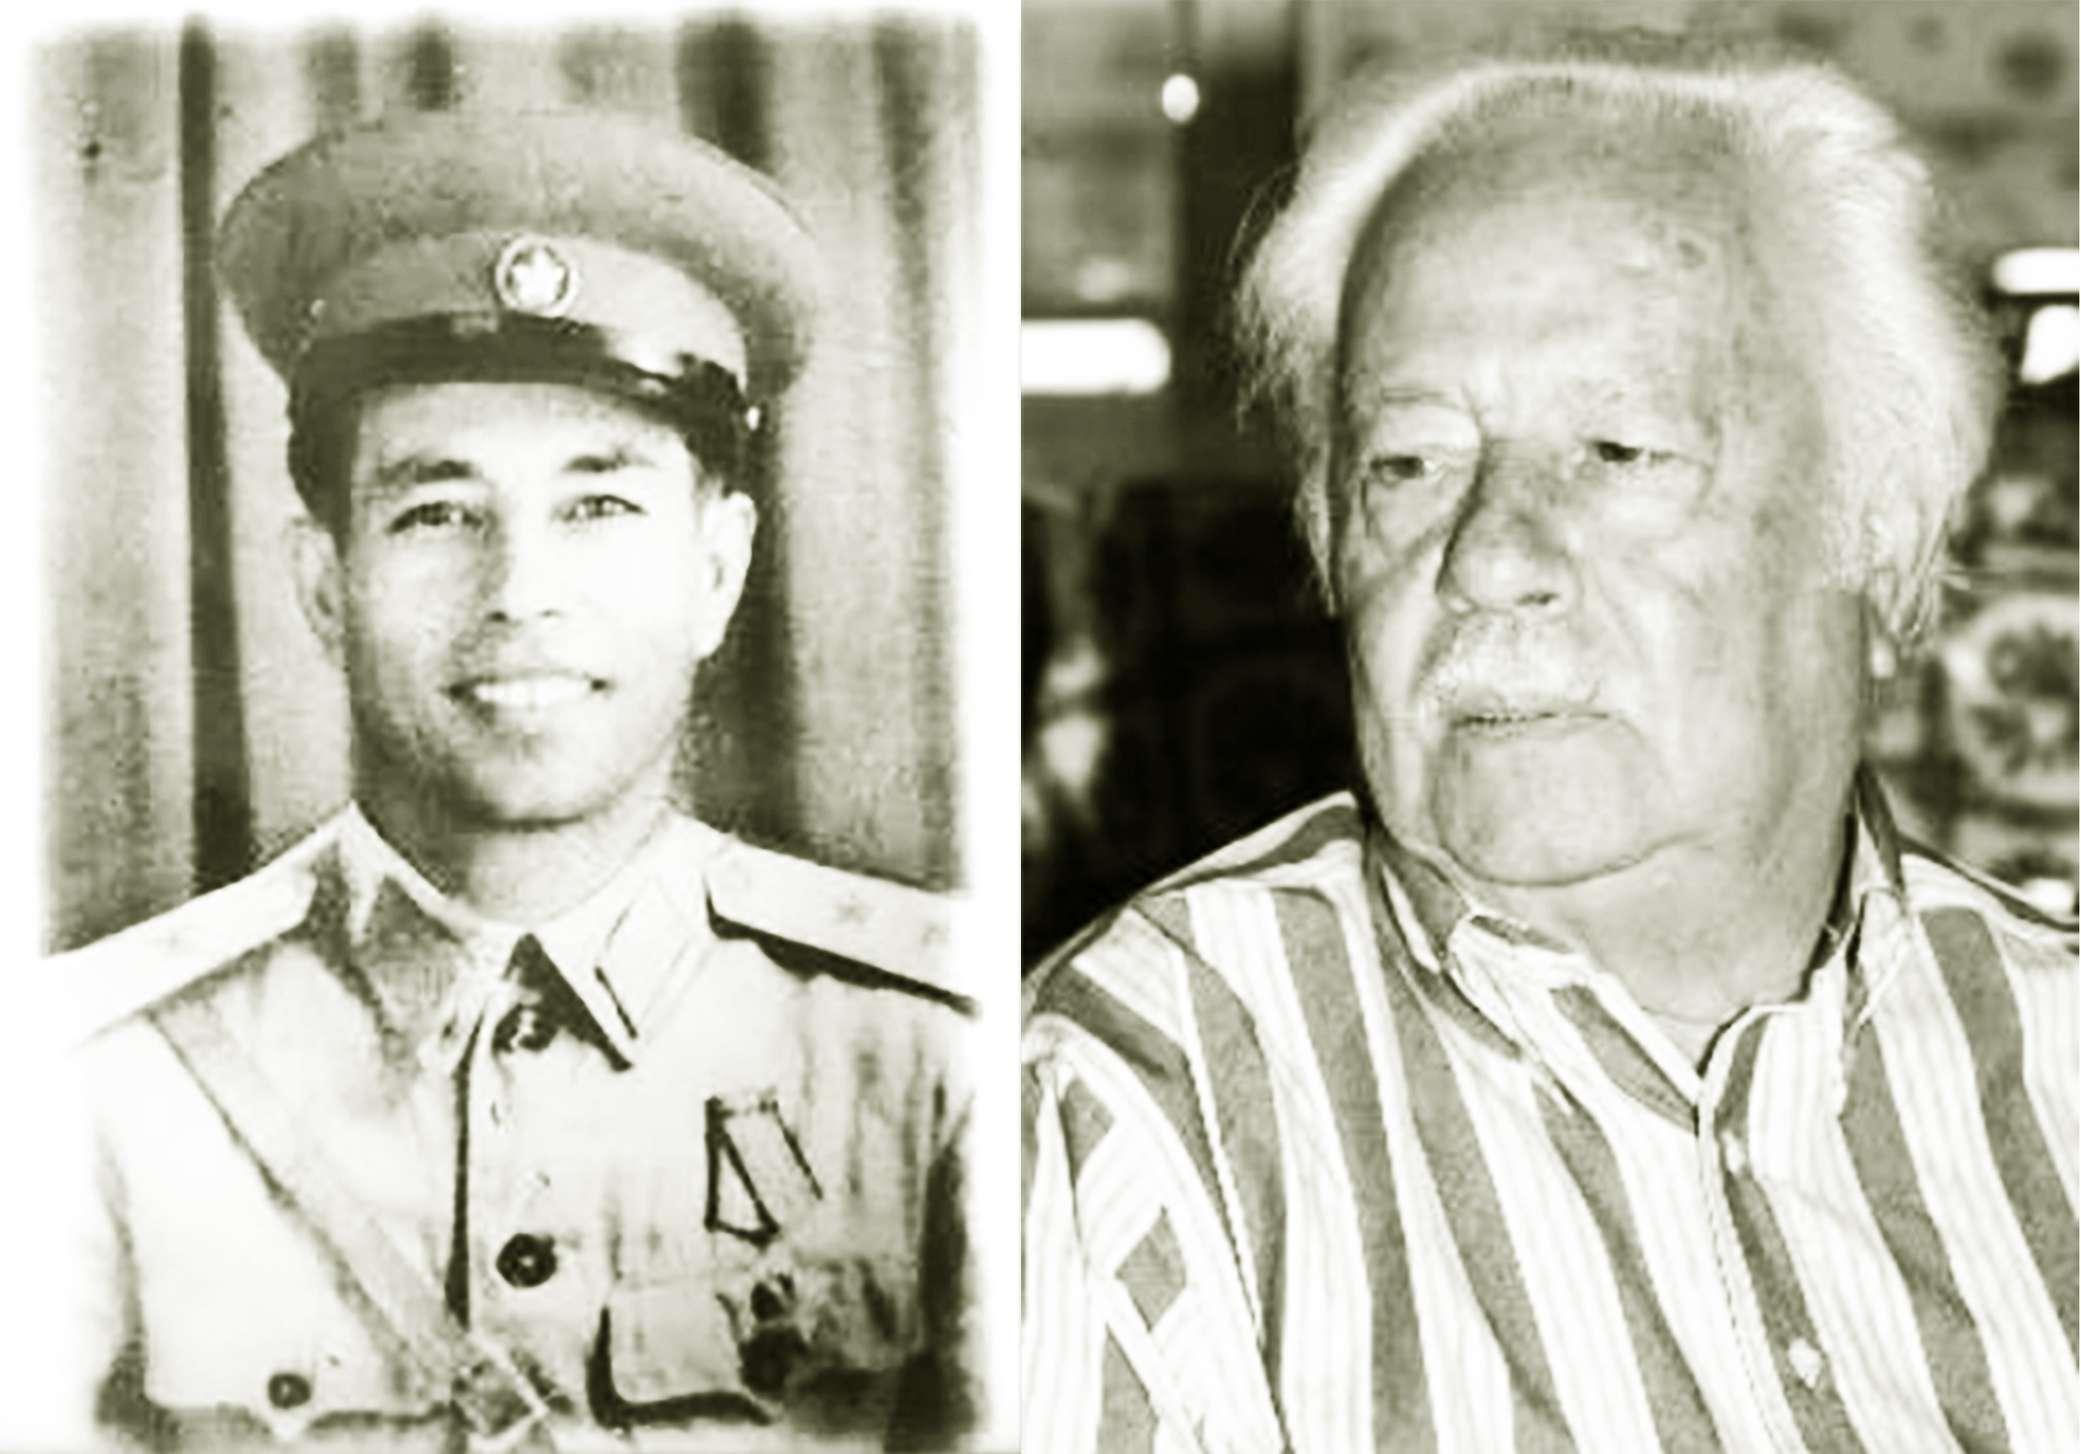 Κώστας Σαραντίδης Nguyen Van Lap ο έλληνας VIETμίνχ